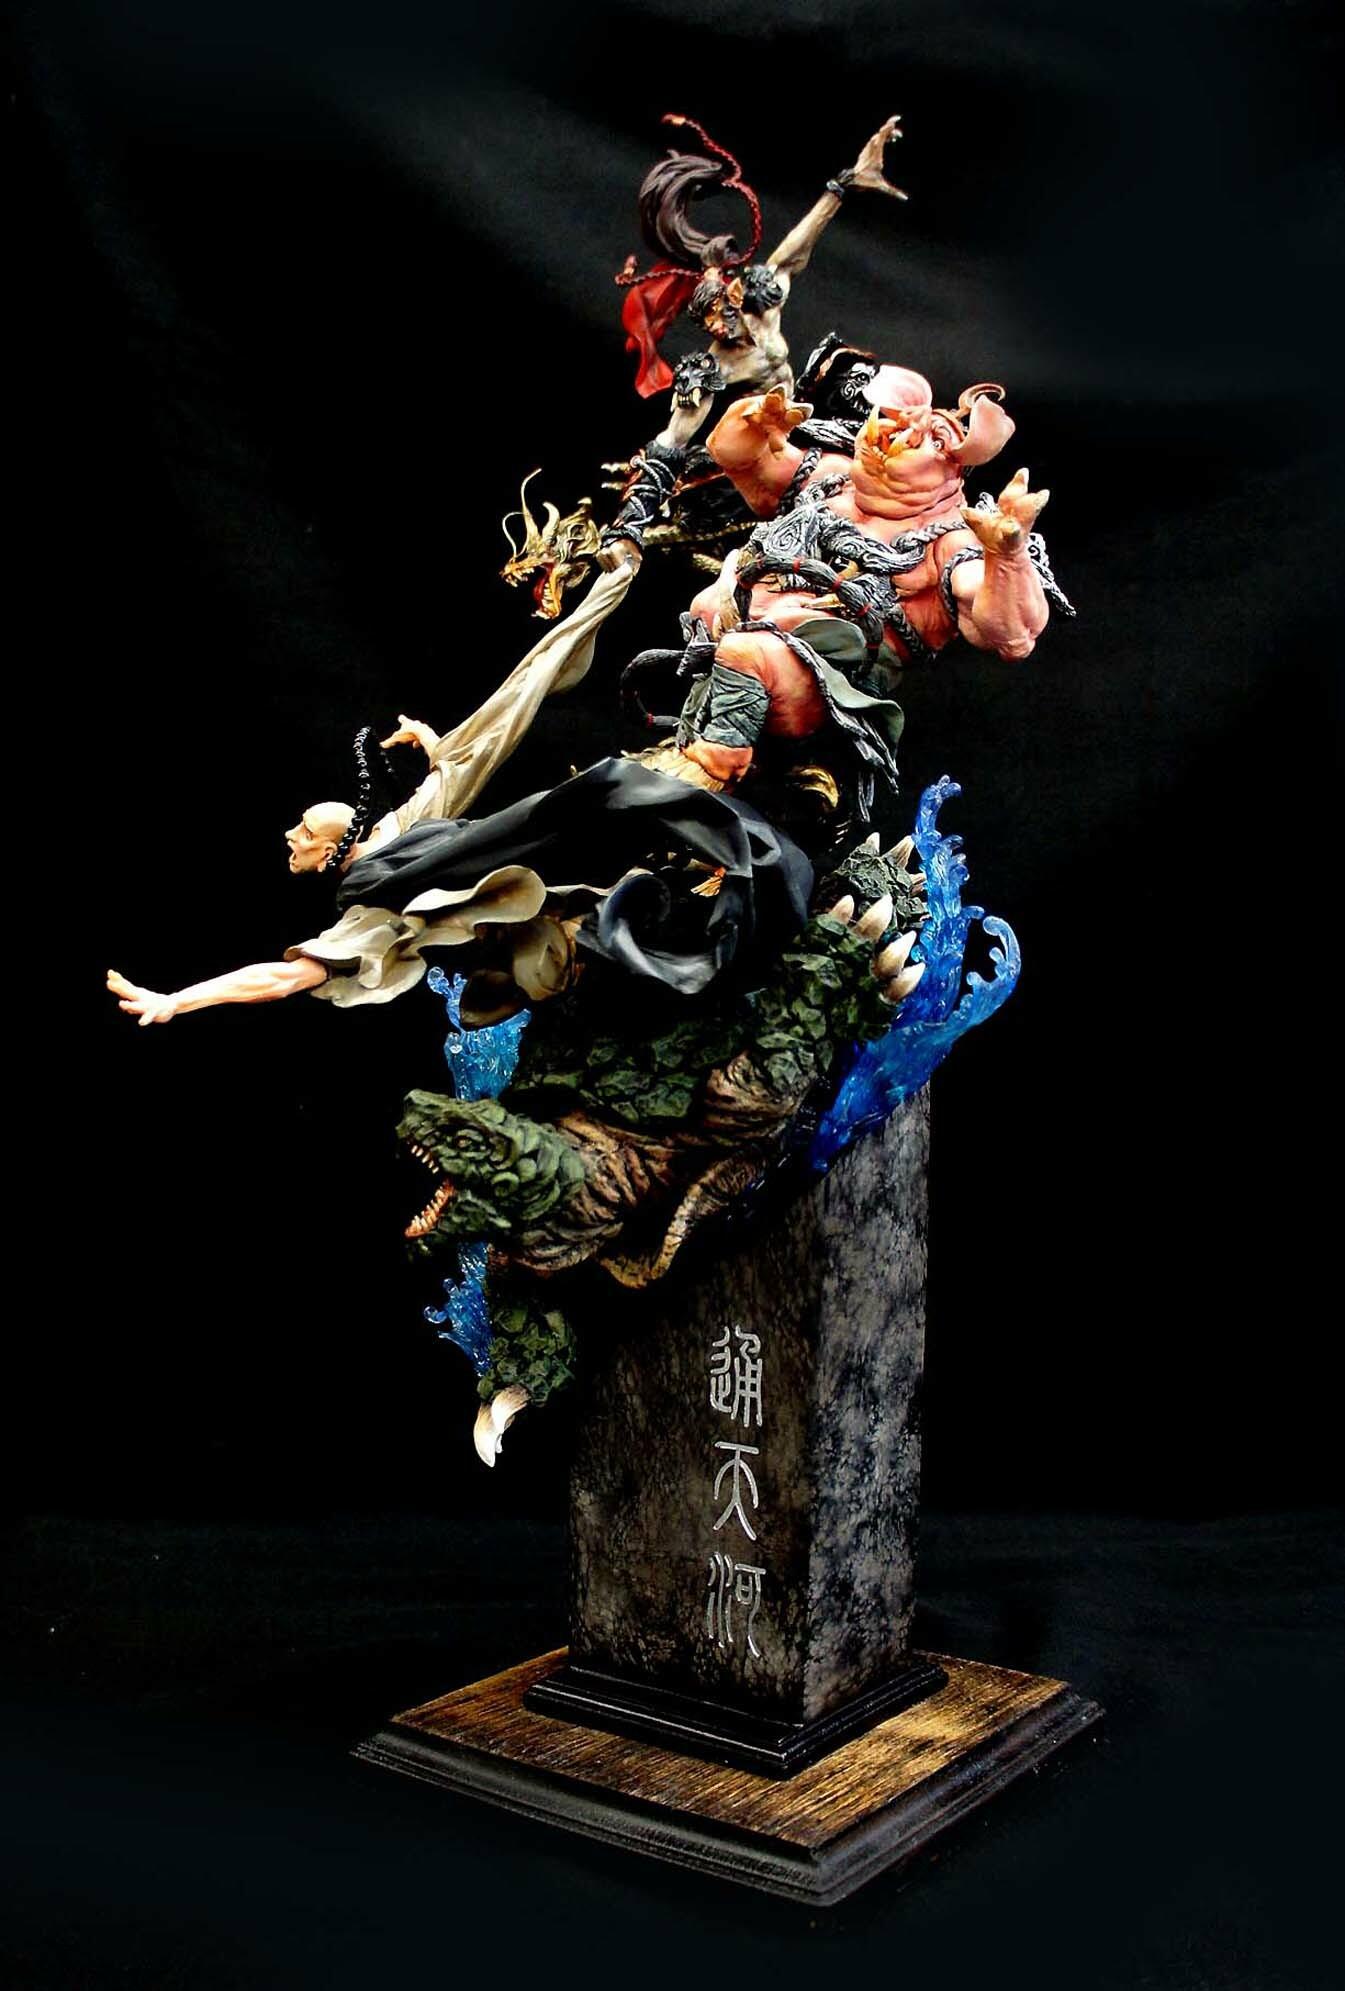 通天河 Monkey King: Tongtian River Journey To The West A Chinese Odyssey Art Statue